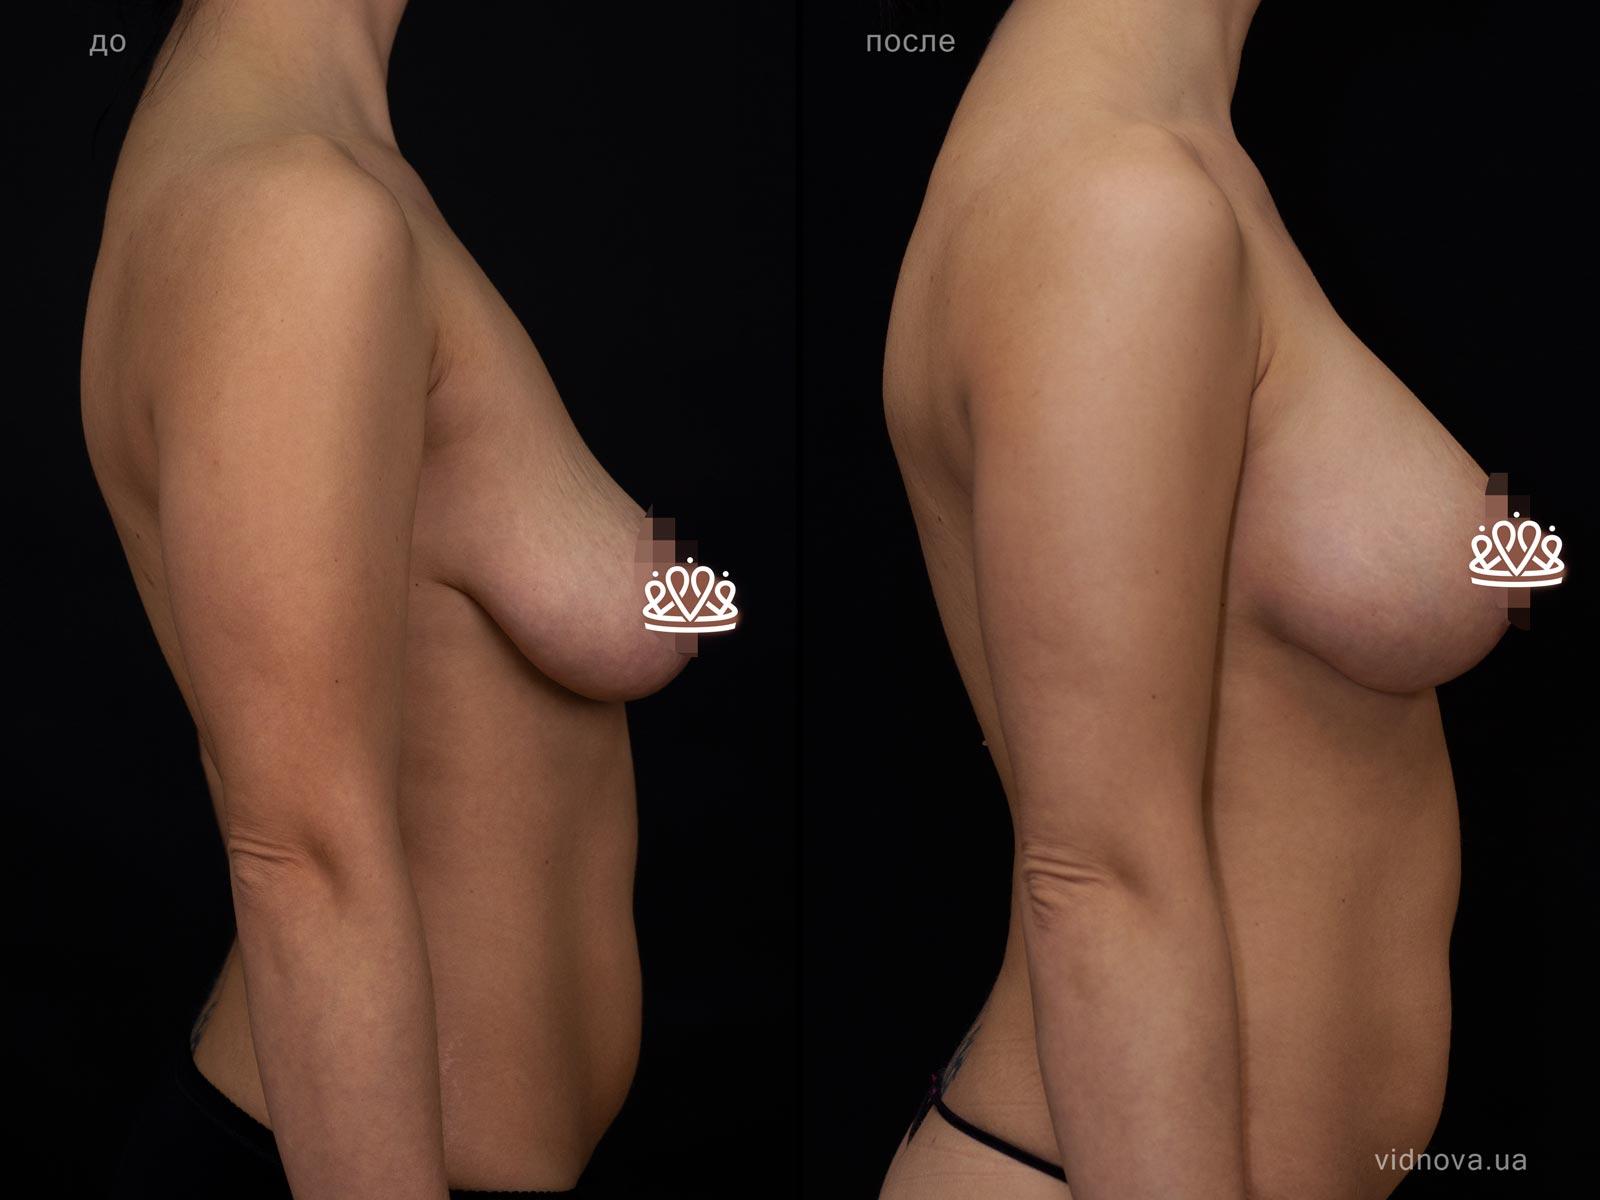 Пластика груди: результаты до и после - Пример №116-2 - Светлана Работенко